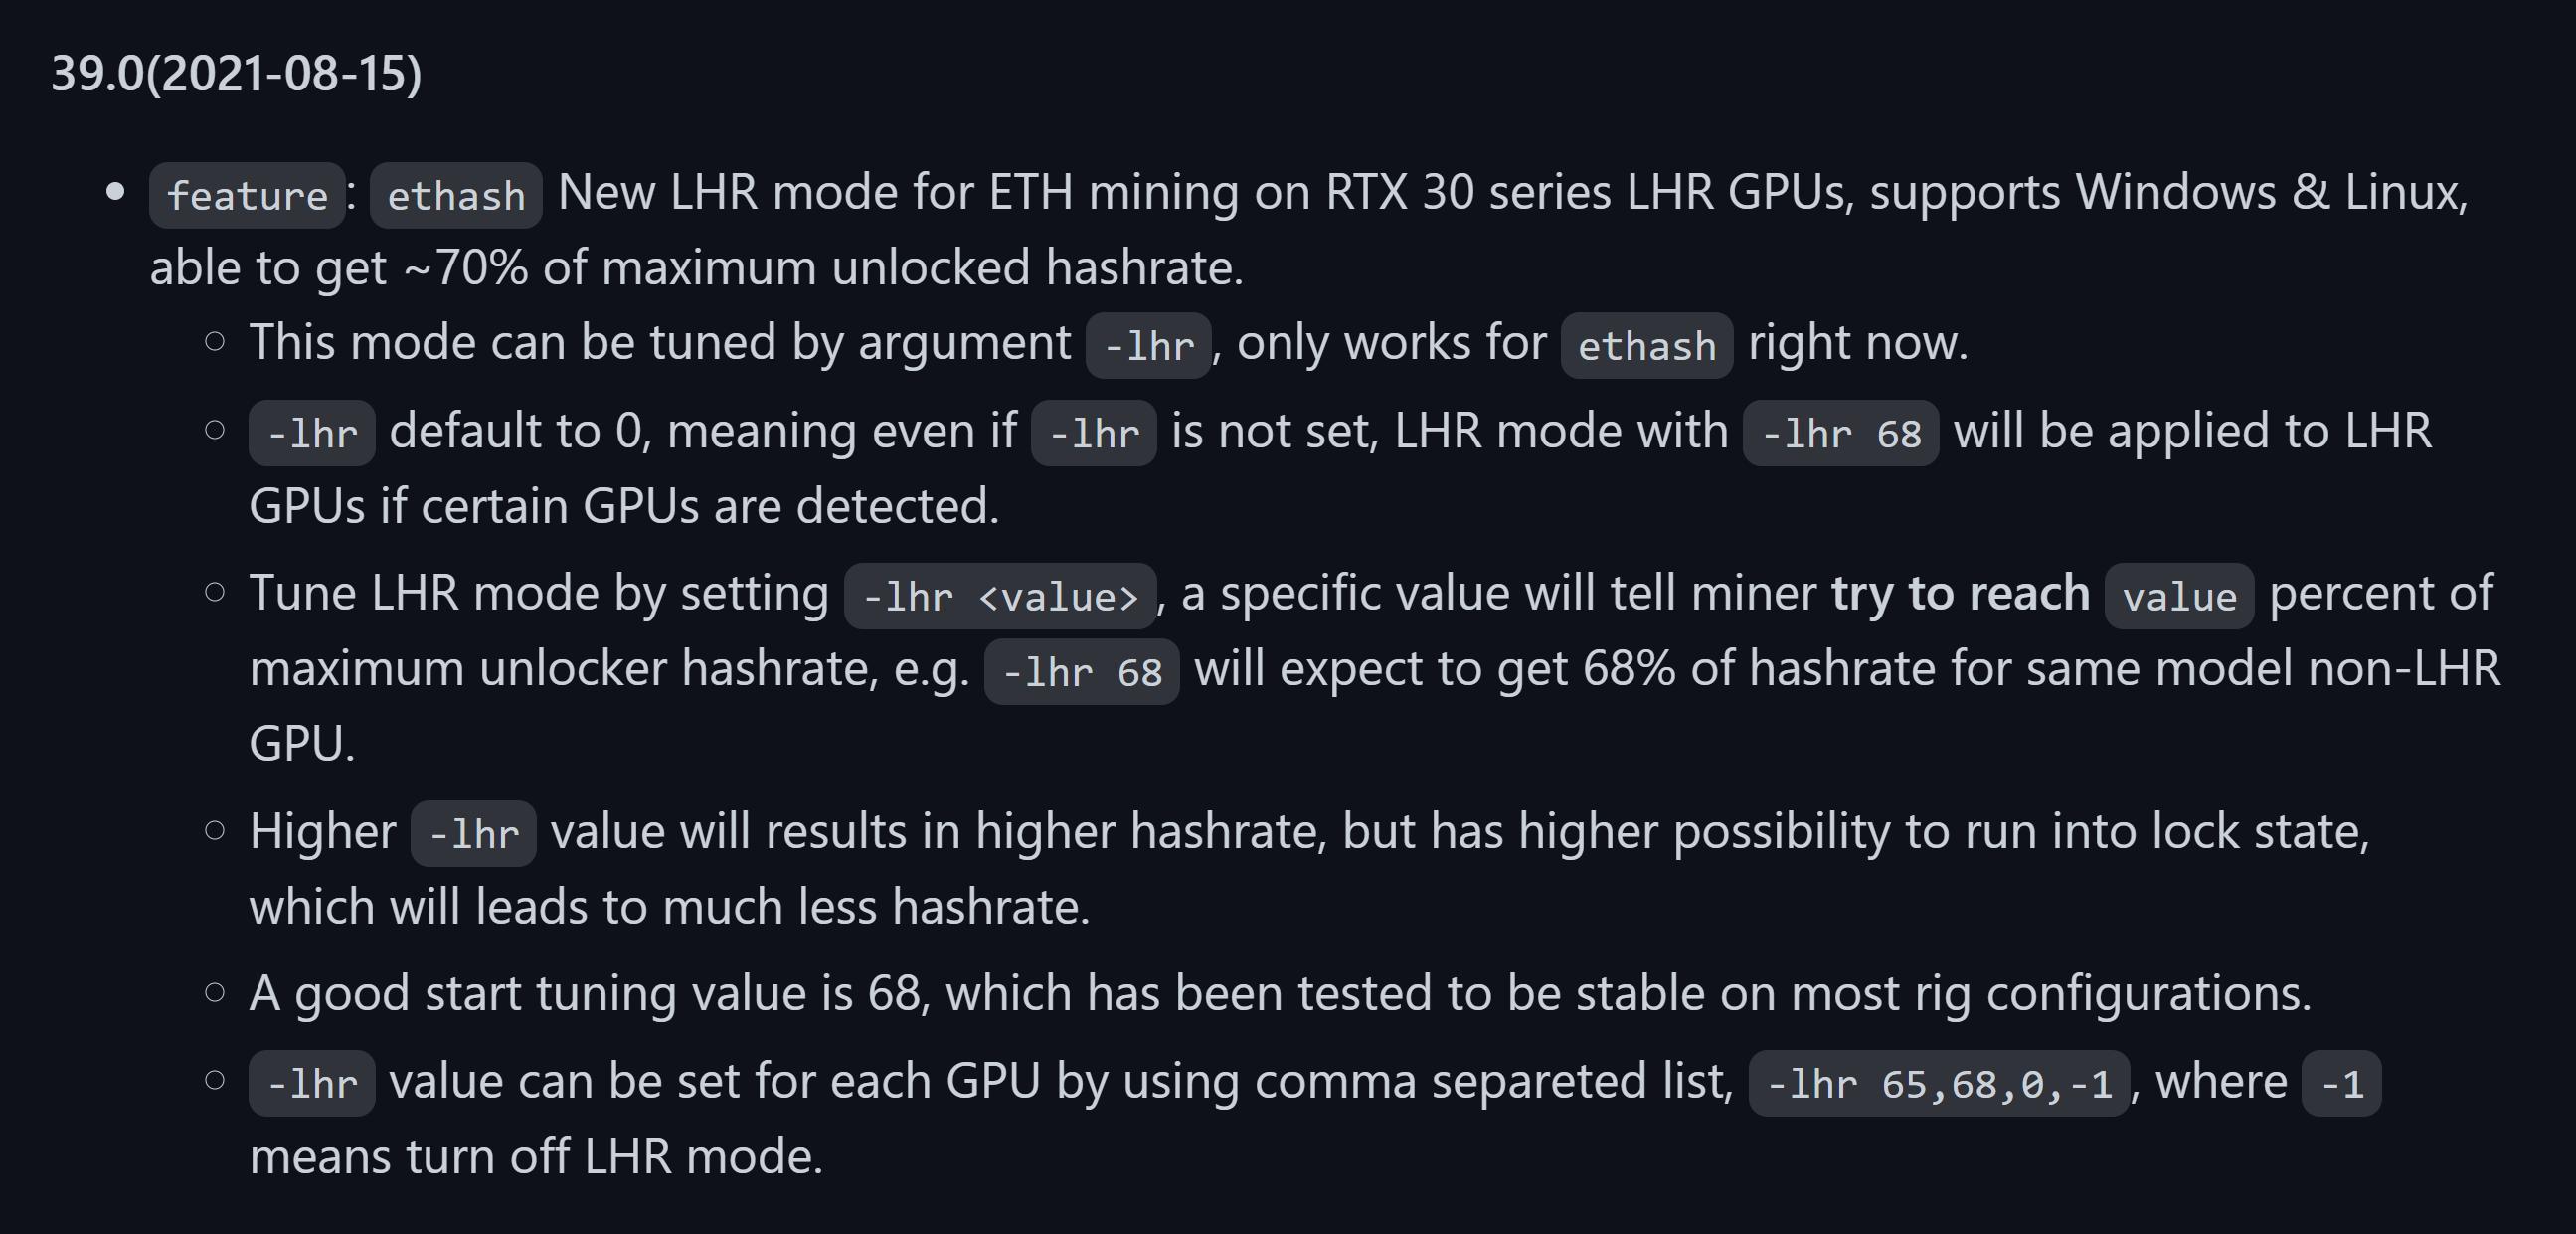 Майнерам удаётся разблокировать до 70% производительности LHR-видеокарт GeForce RTX 3000